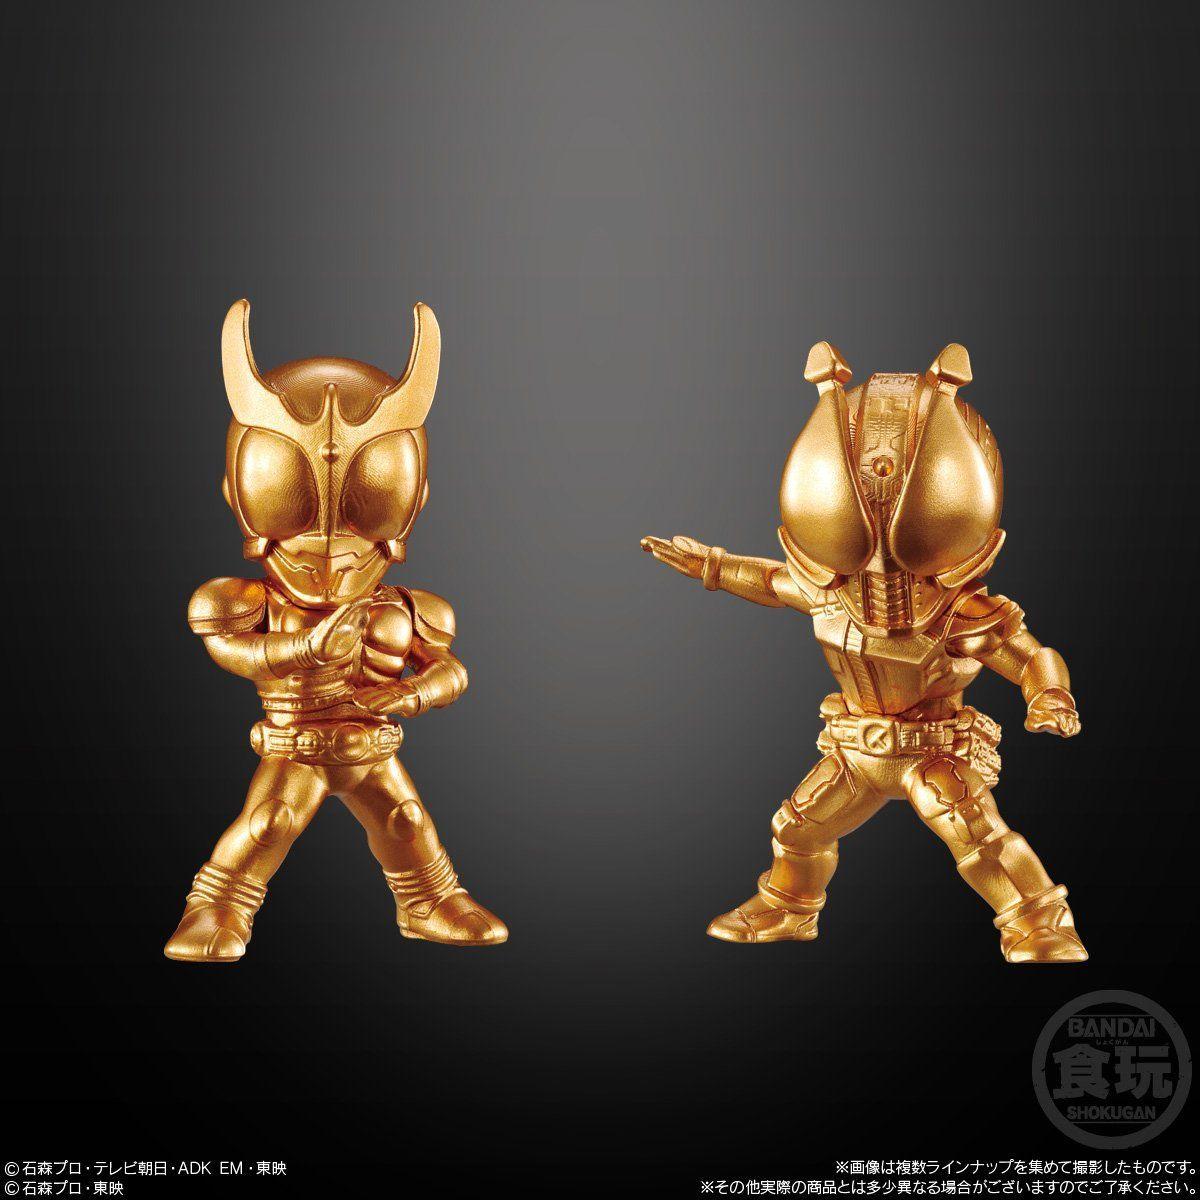 【食玩】『仮面ライダーゴールドフィギュア02』16個入りBOX-006